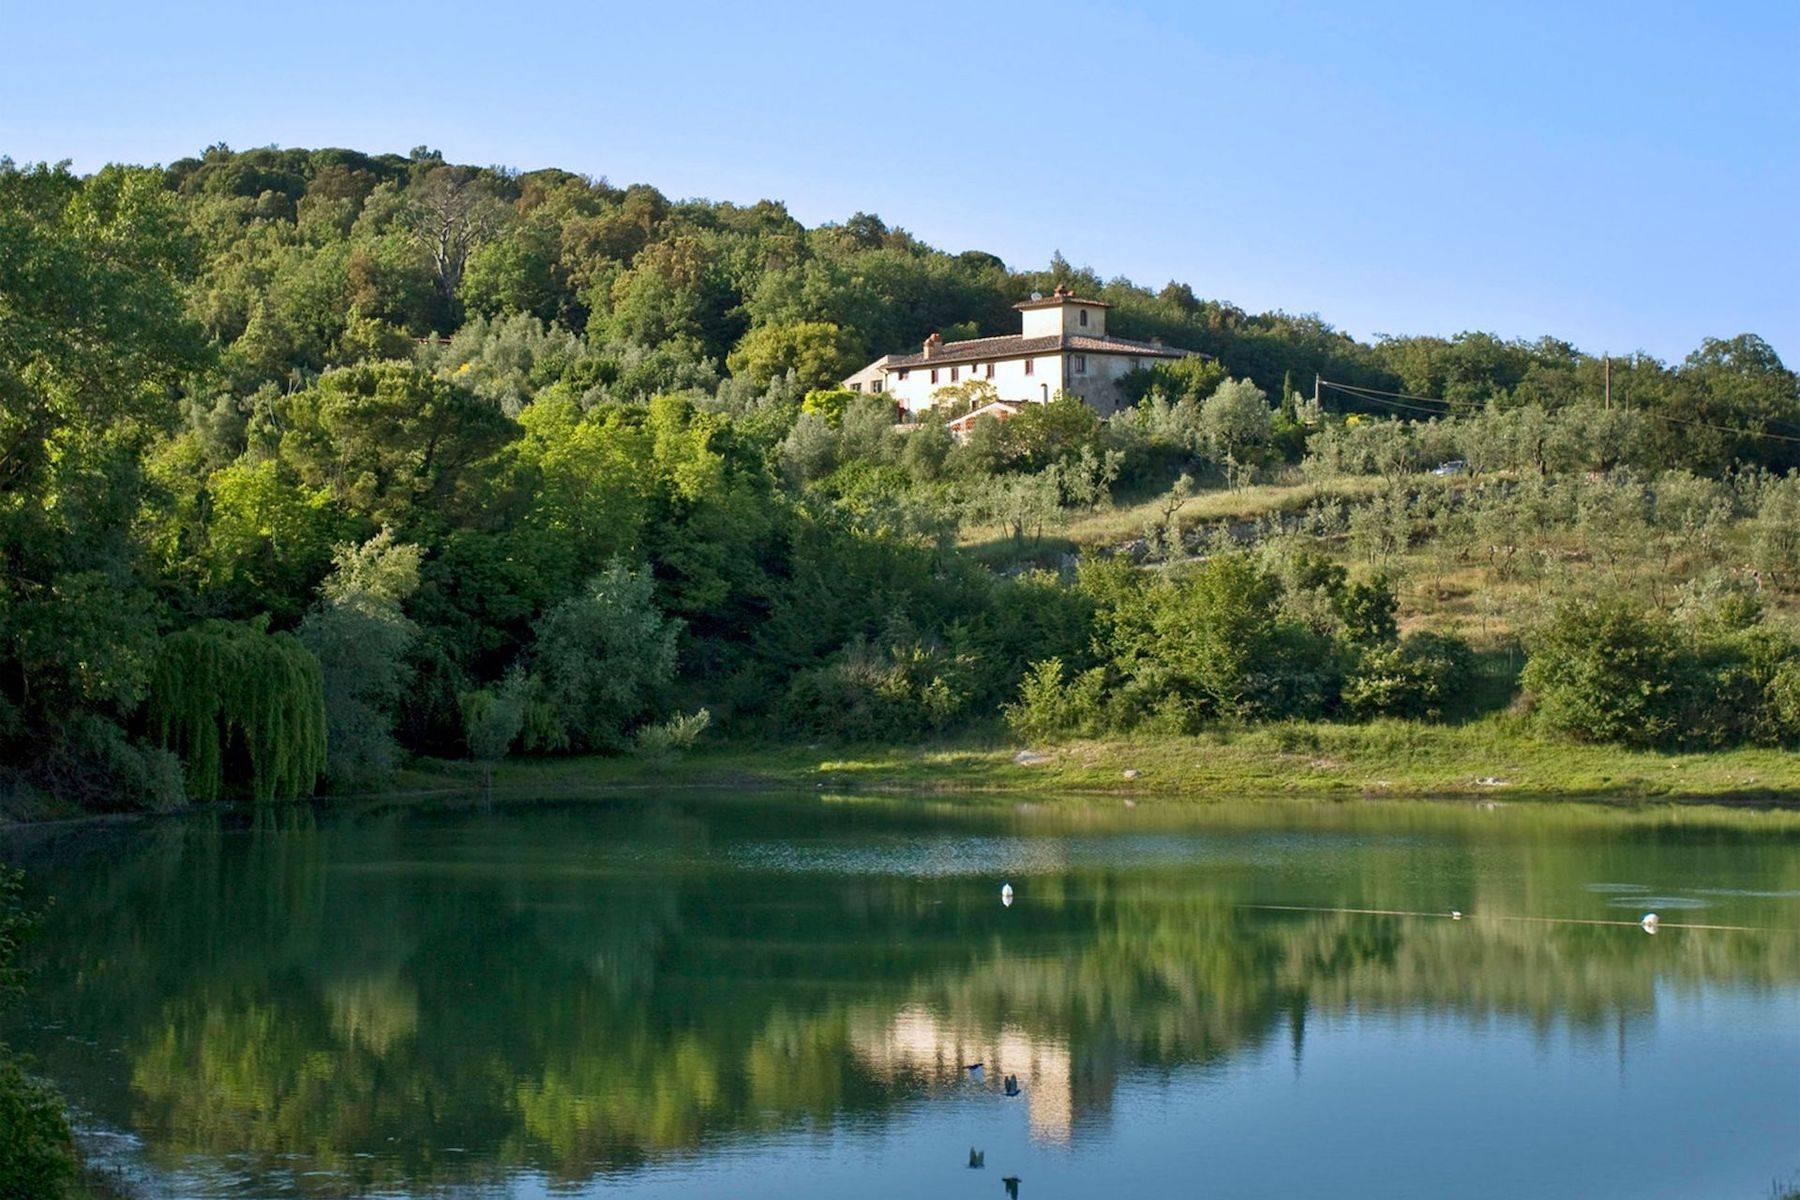 Villa in Vendita a Rignano Sull'Arno: 5 locali, 550 mq - Foto 1